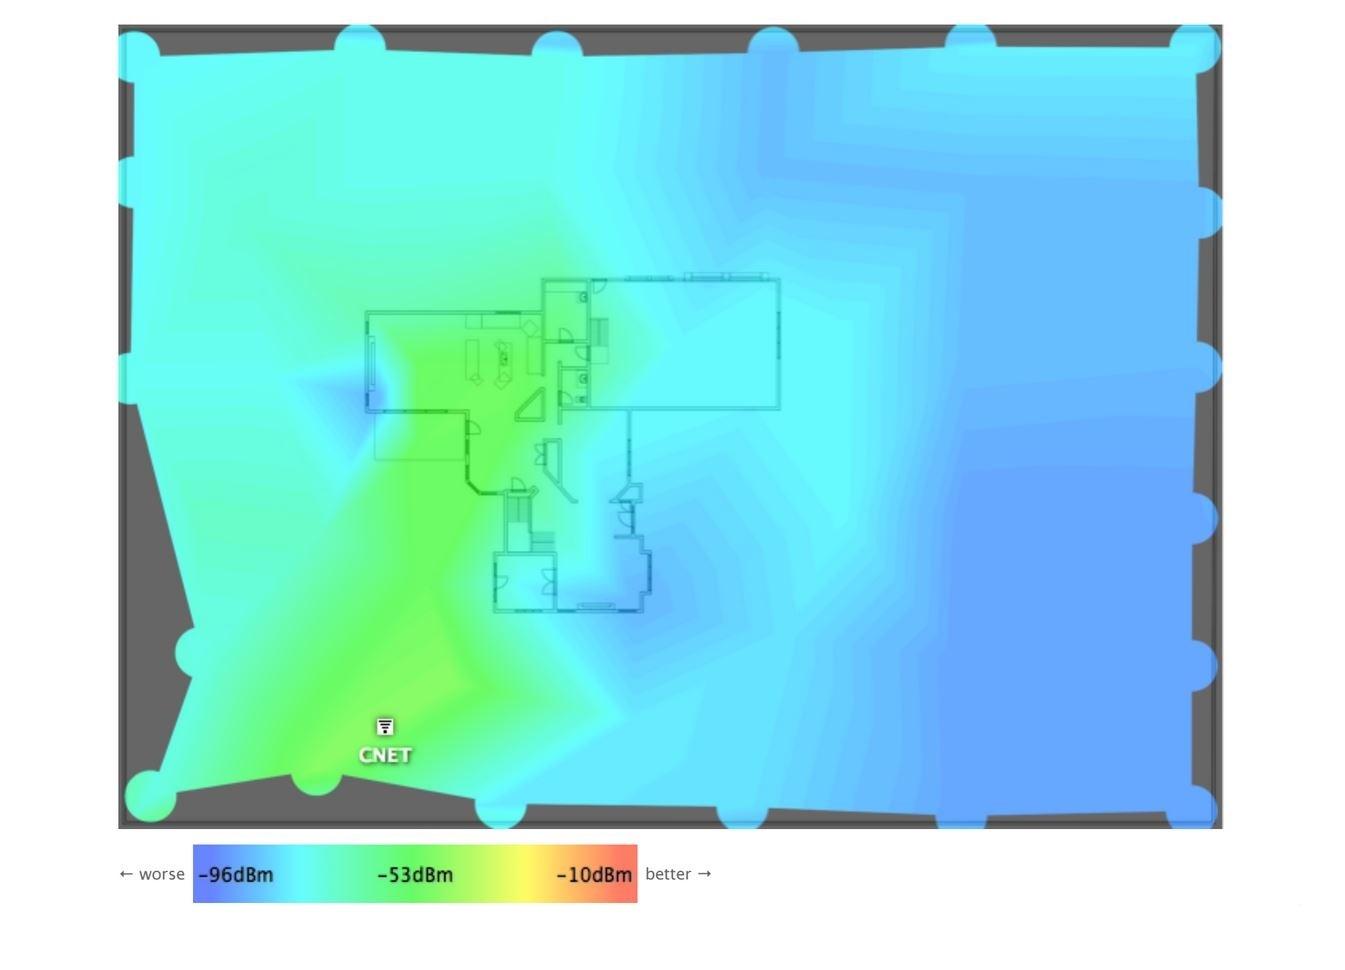 Умный дом CNET: полигон для тестирования гаджетов - 2